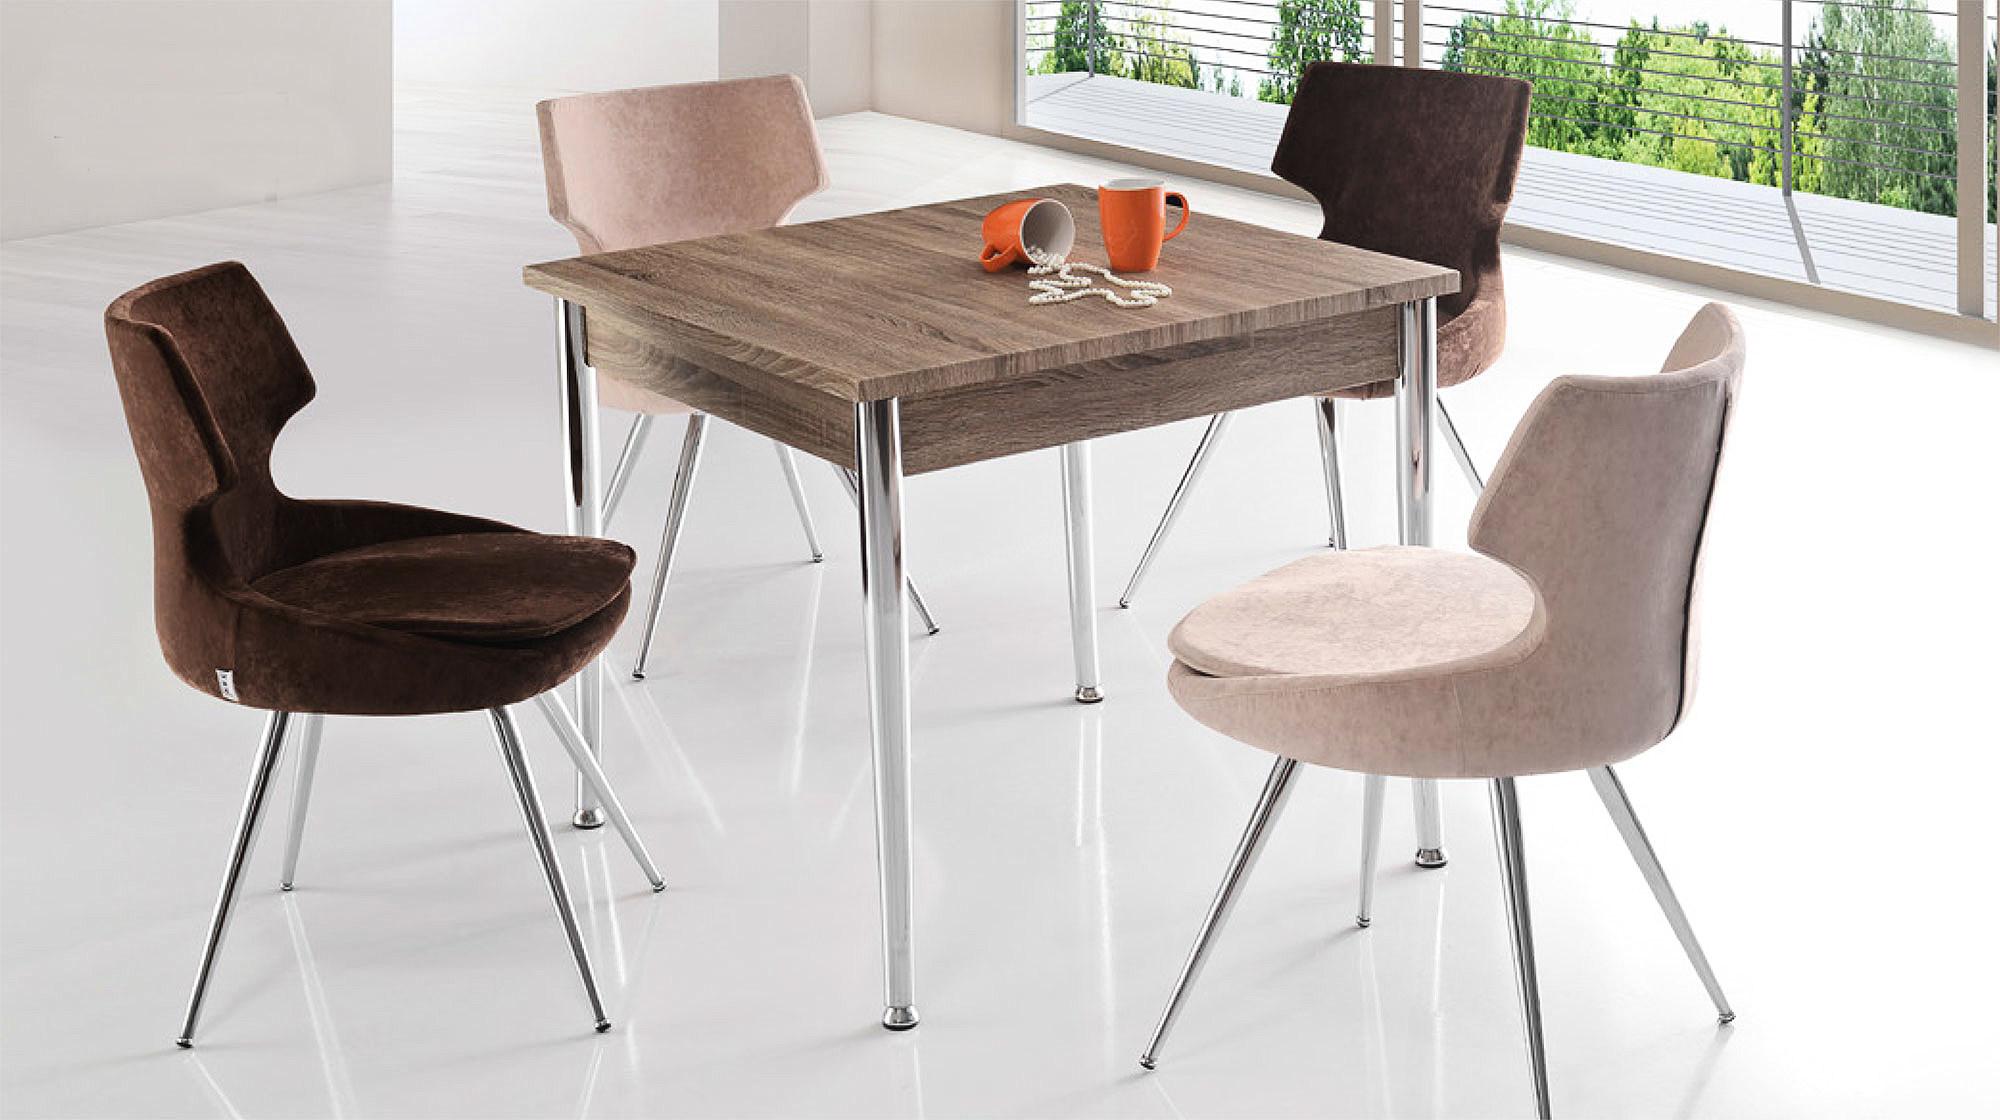 vega mutfak masa doruk sandalye seti - masa sandalye - berke mobilya